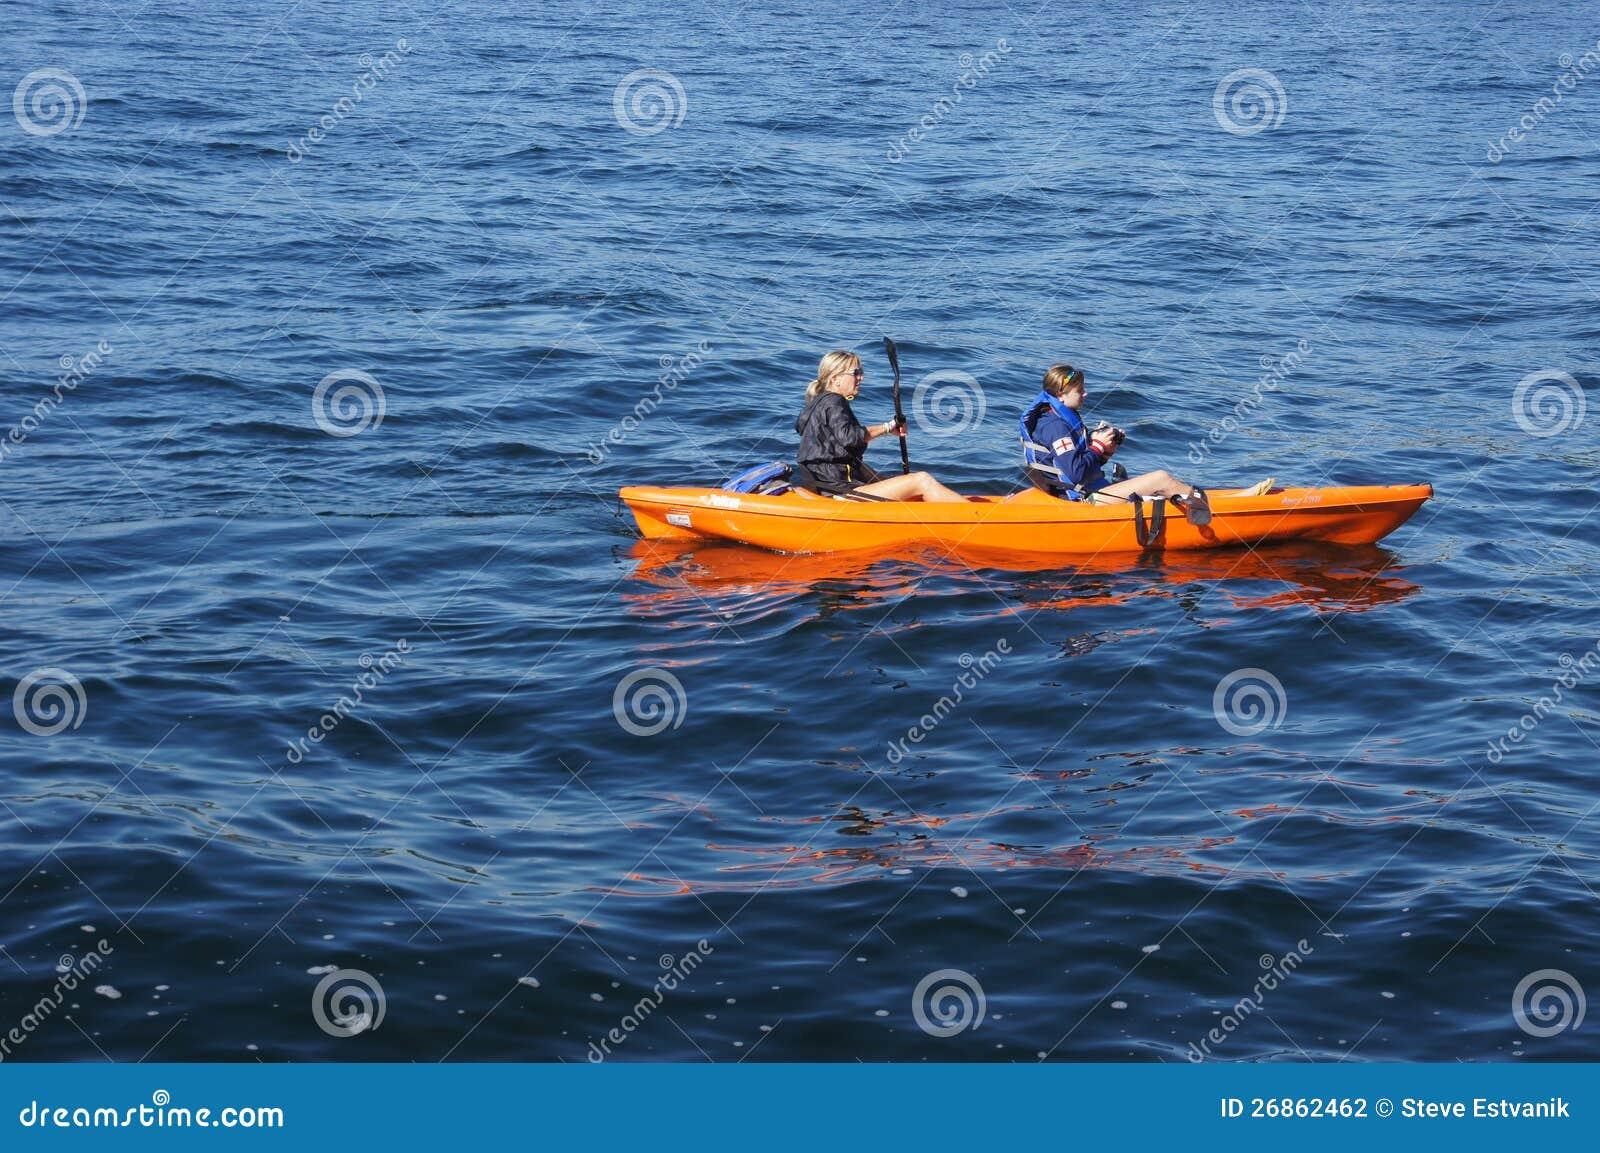 naked women in canoe